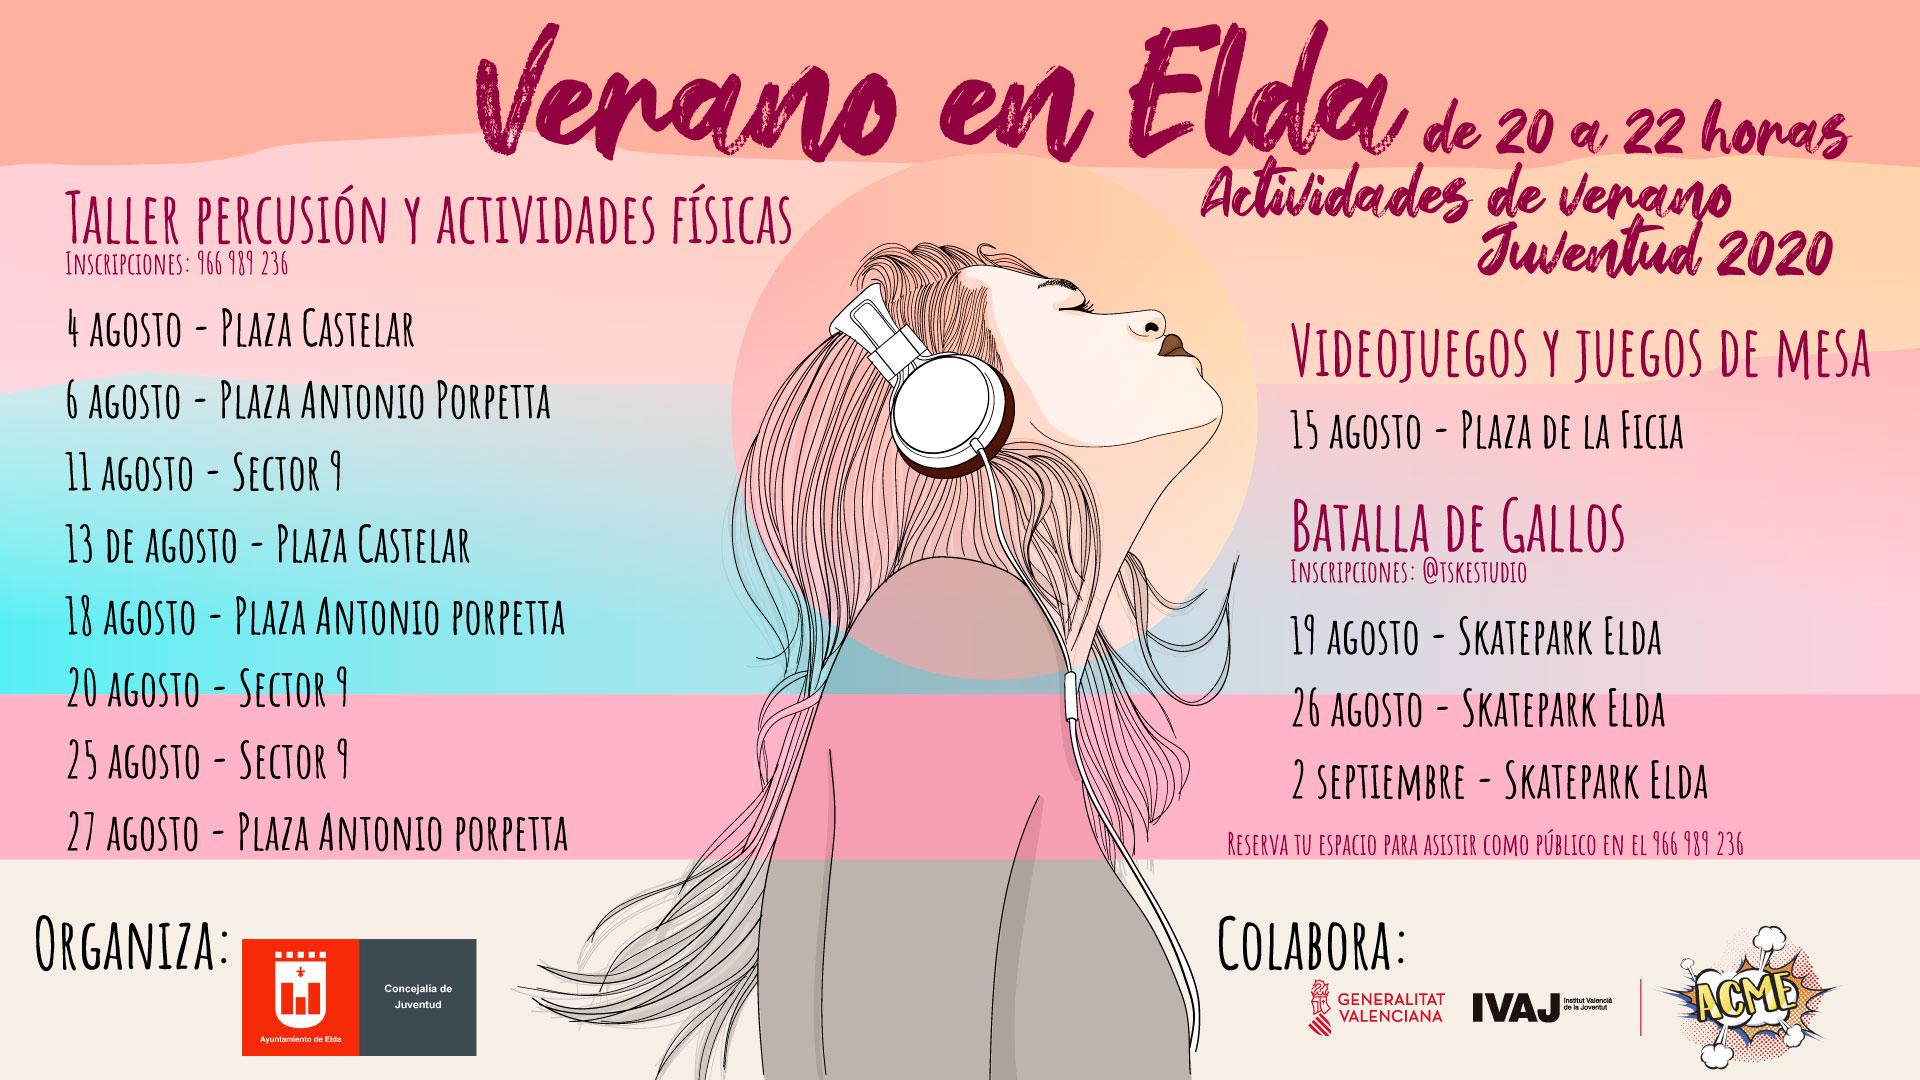 El Ayuntamiento organiza 'Verano en Elda' con un amplio programa de actividades de ocio cultural y alternativo infantil y juvenil